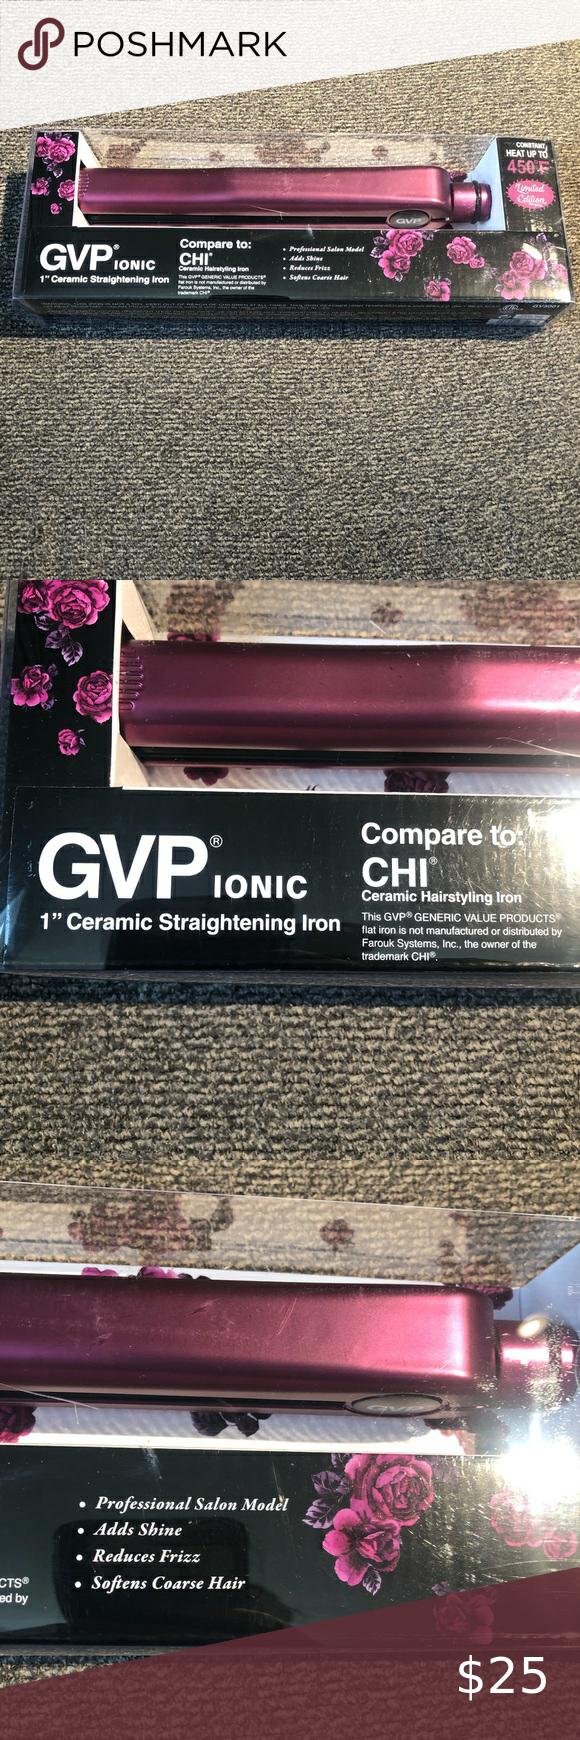 Gvp 1 Ceramic Straightening Iron Brand New In 2020 Straighten Iron Ceramics Iron